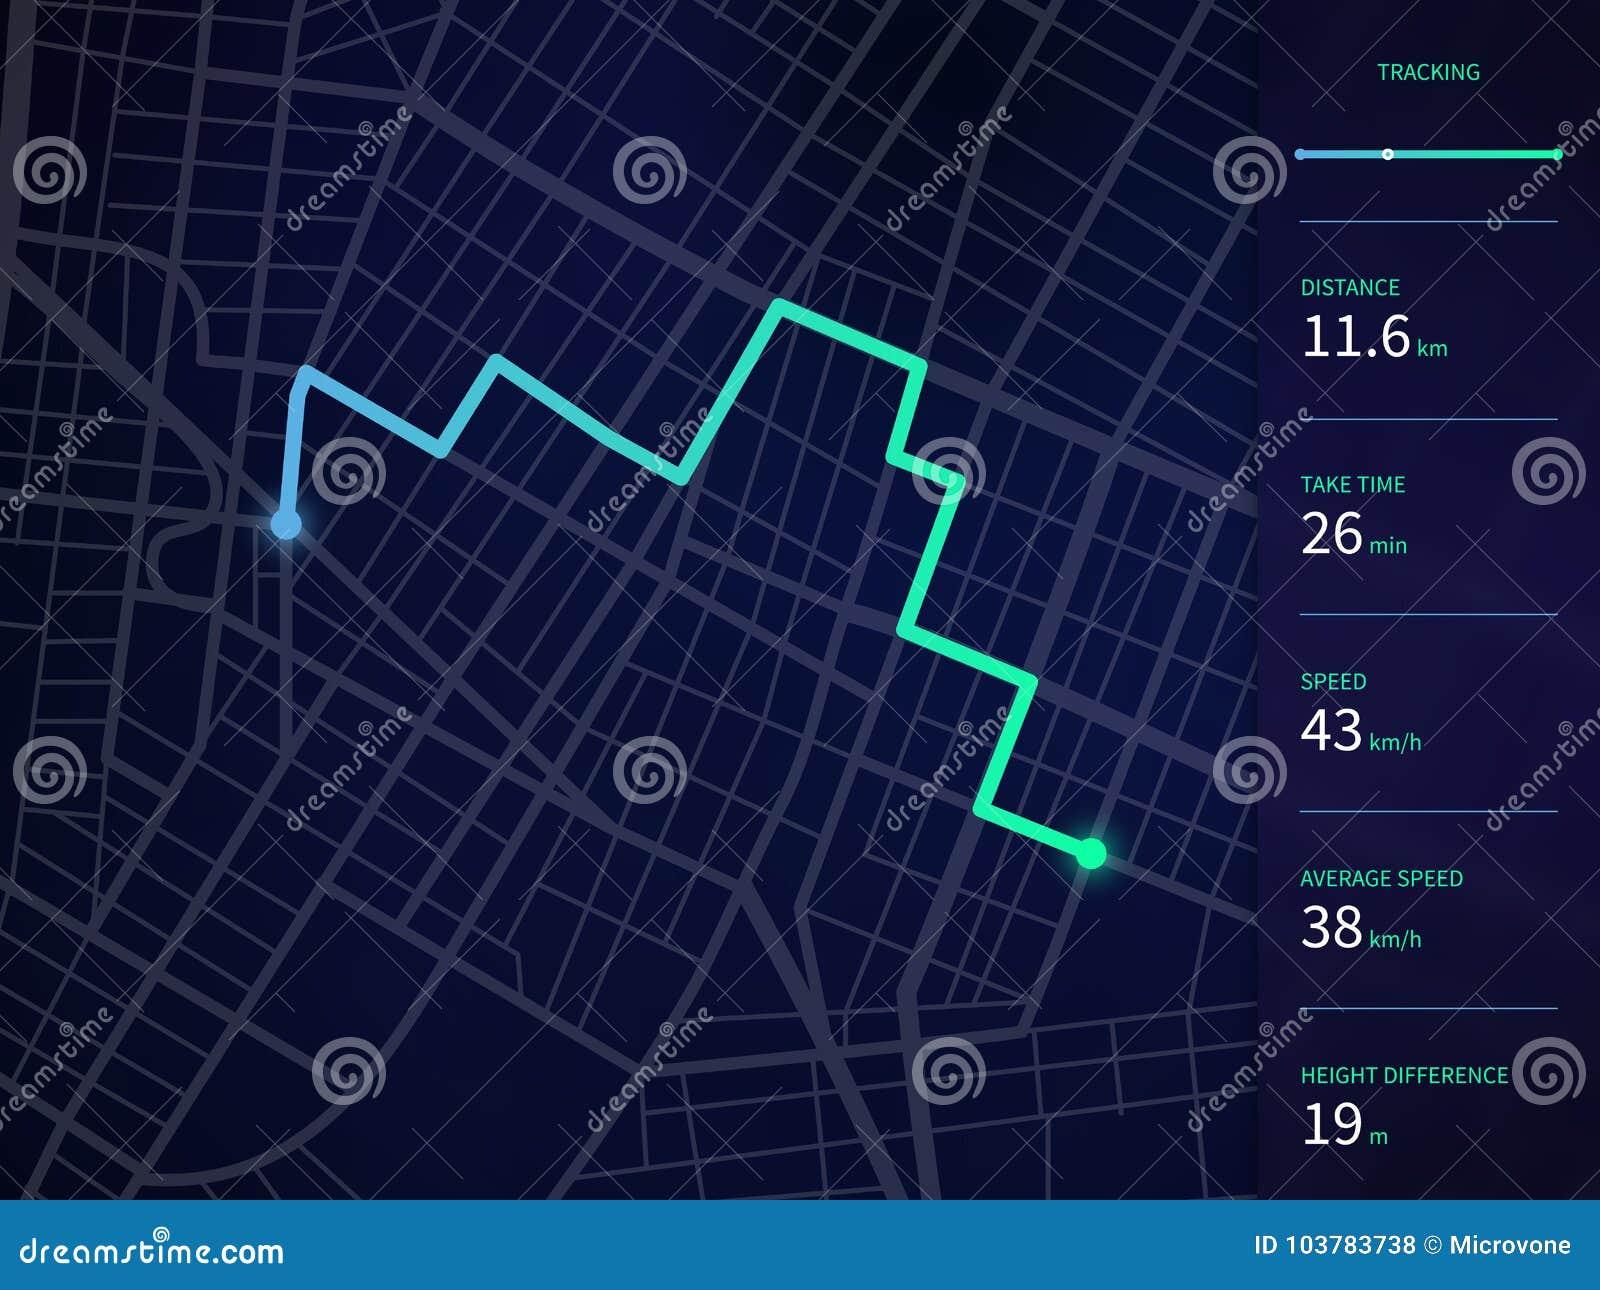 Ο διανυσματικός χάρτης πόλεων με τη διαδρομή και τα στοιχεία διασυνδέουν για τη ναυσιπλοΐα και τον ιχνηλάτη app ΠΣΤ